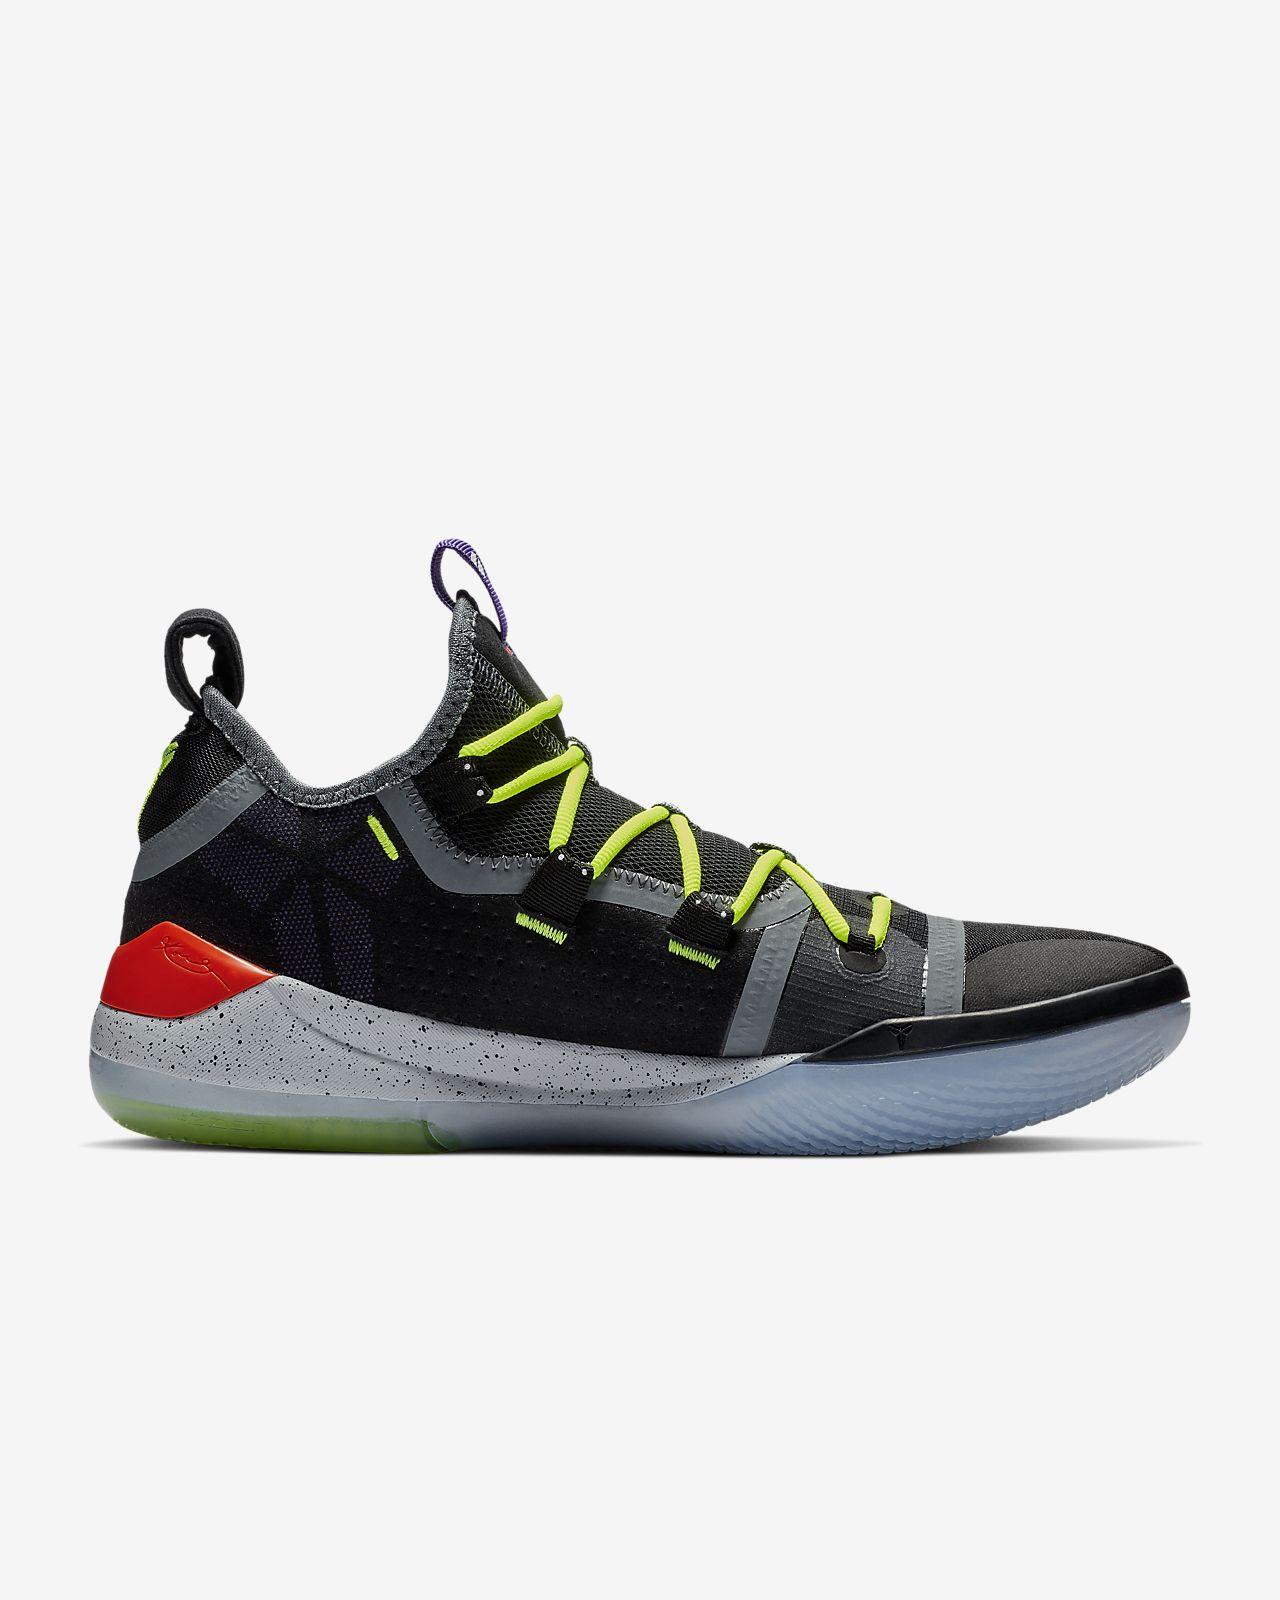 0e311b44 Low Resolution Баскетбольные кроссовки Kobe AD Баскетбольные кроссовки Kobe  AD